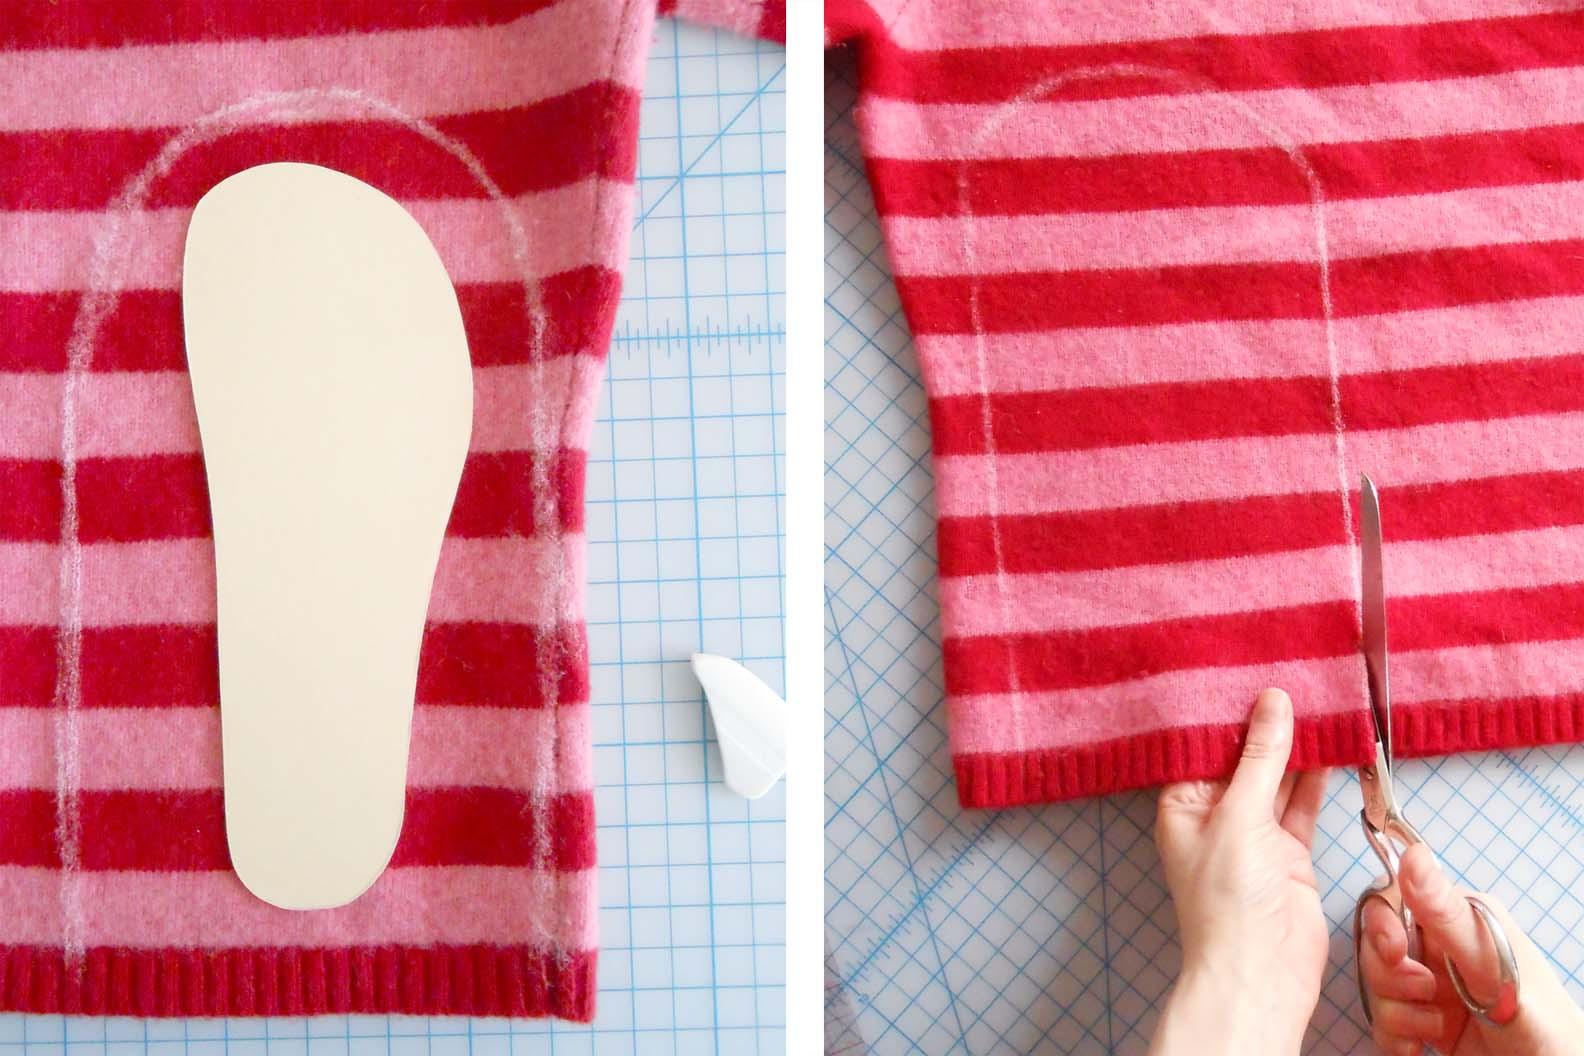 Переделка старого свитера в носки Мастер-класс своими руками 99